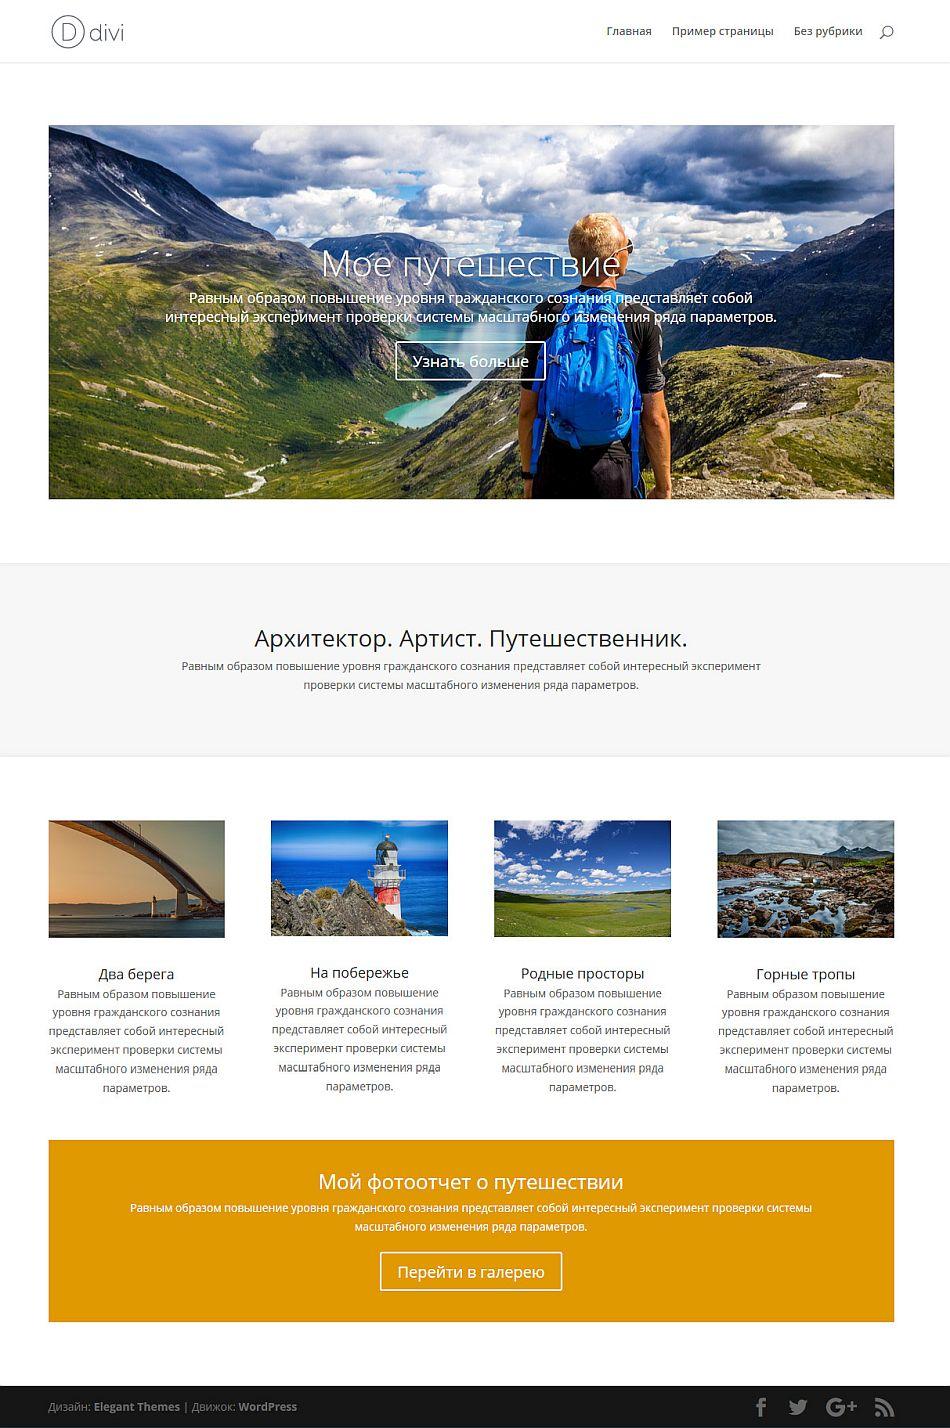 Сайт из готового макета Divi